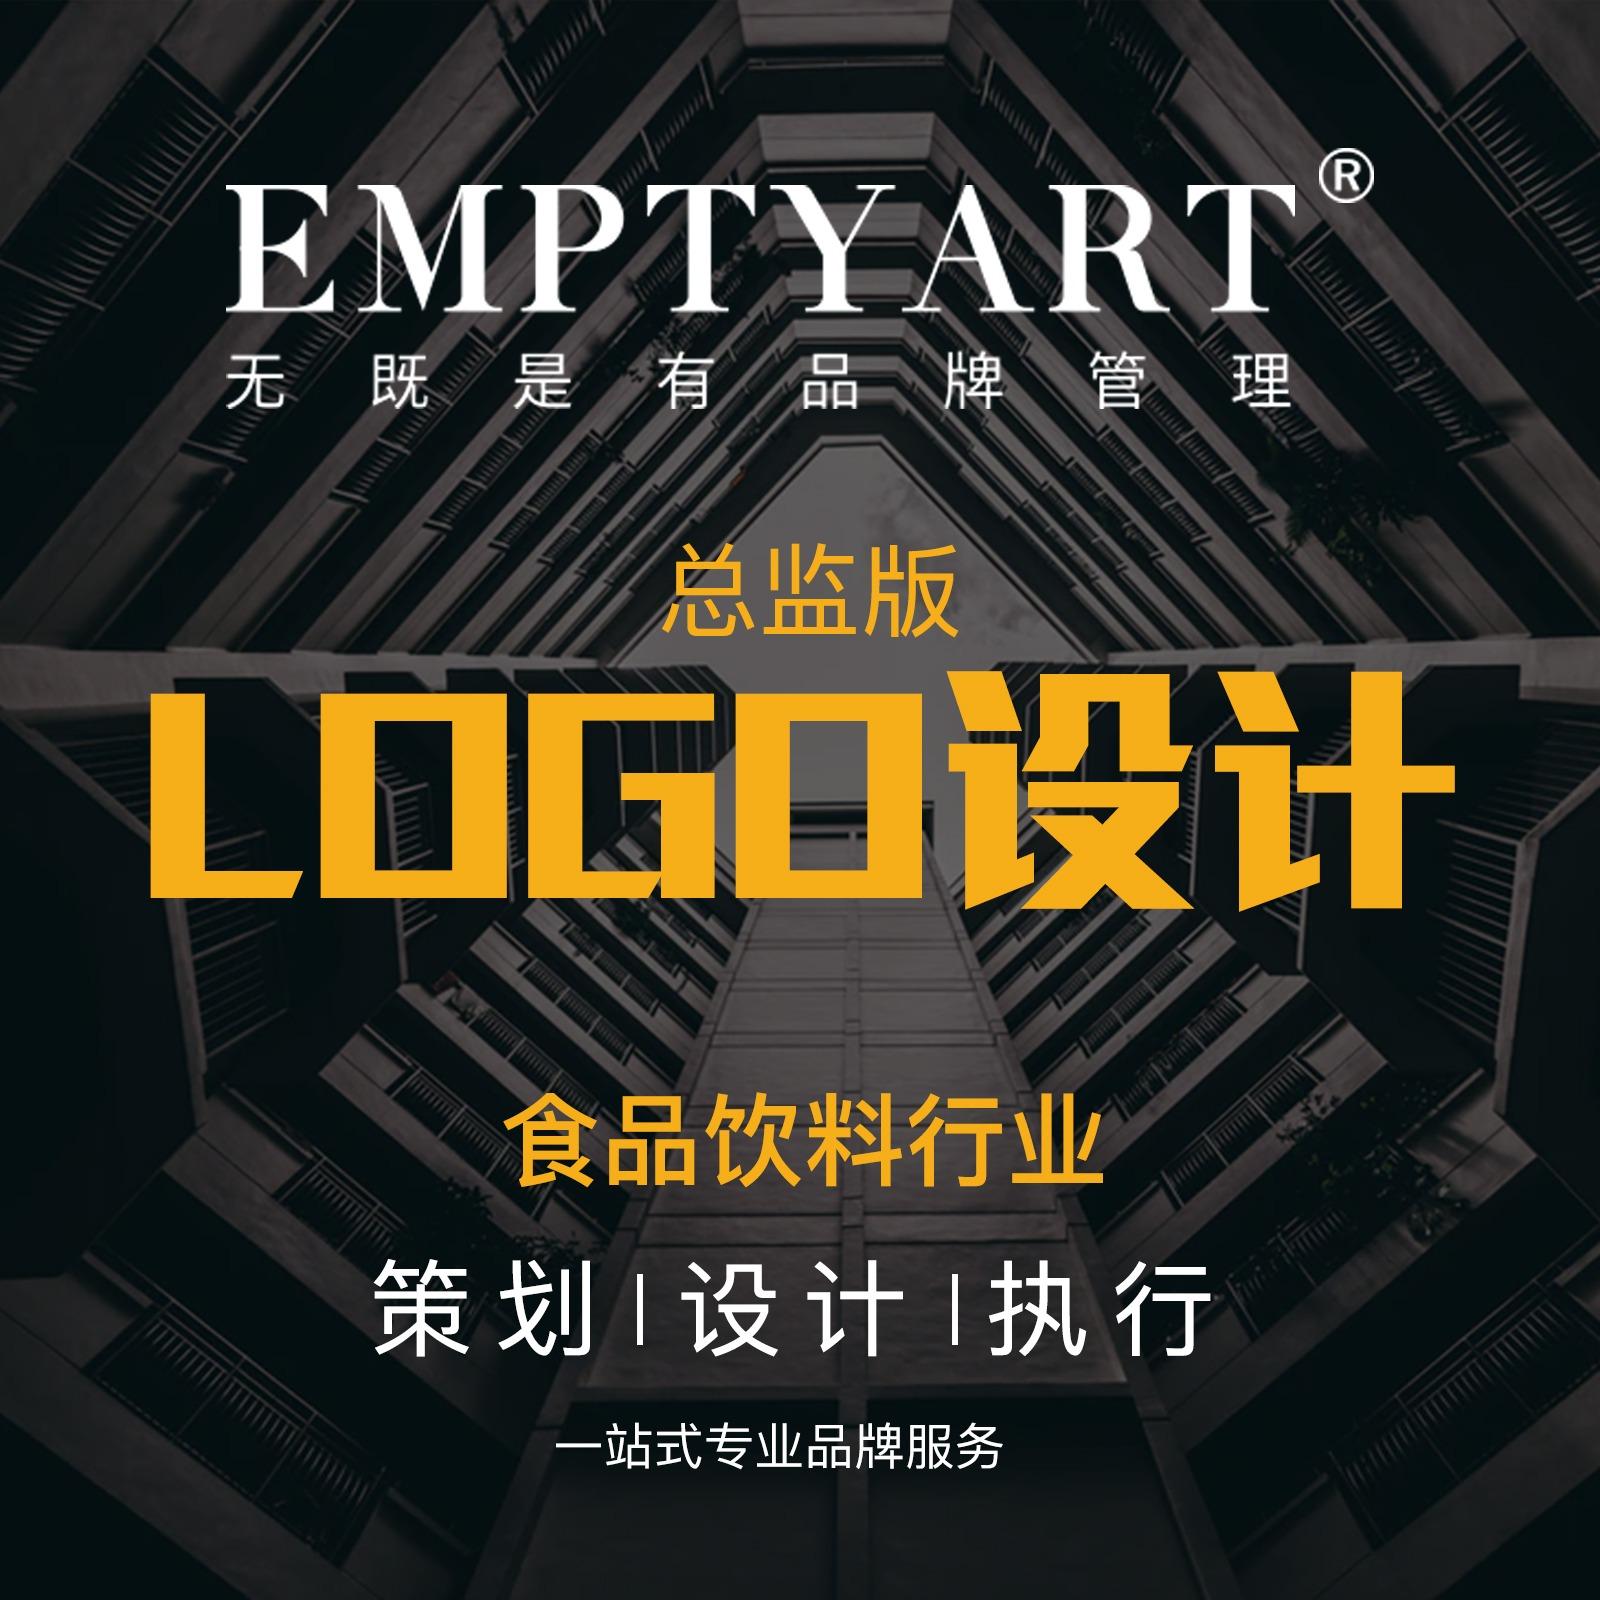 总监版食品饮料行业品牌<hl>logo设计</hl>原创标志商标<hl>LOGO</hl>图标